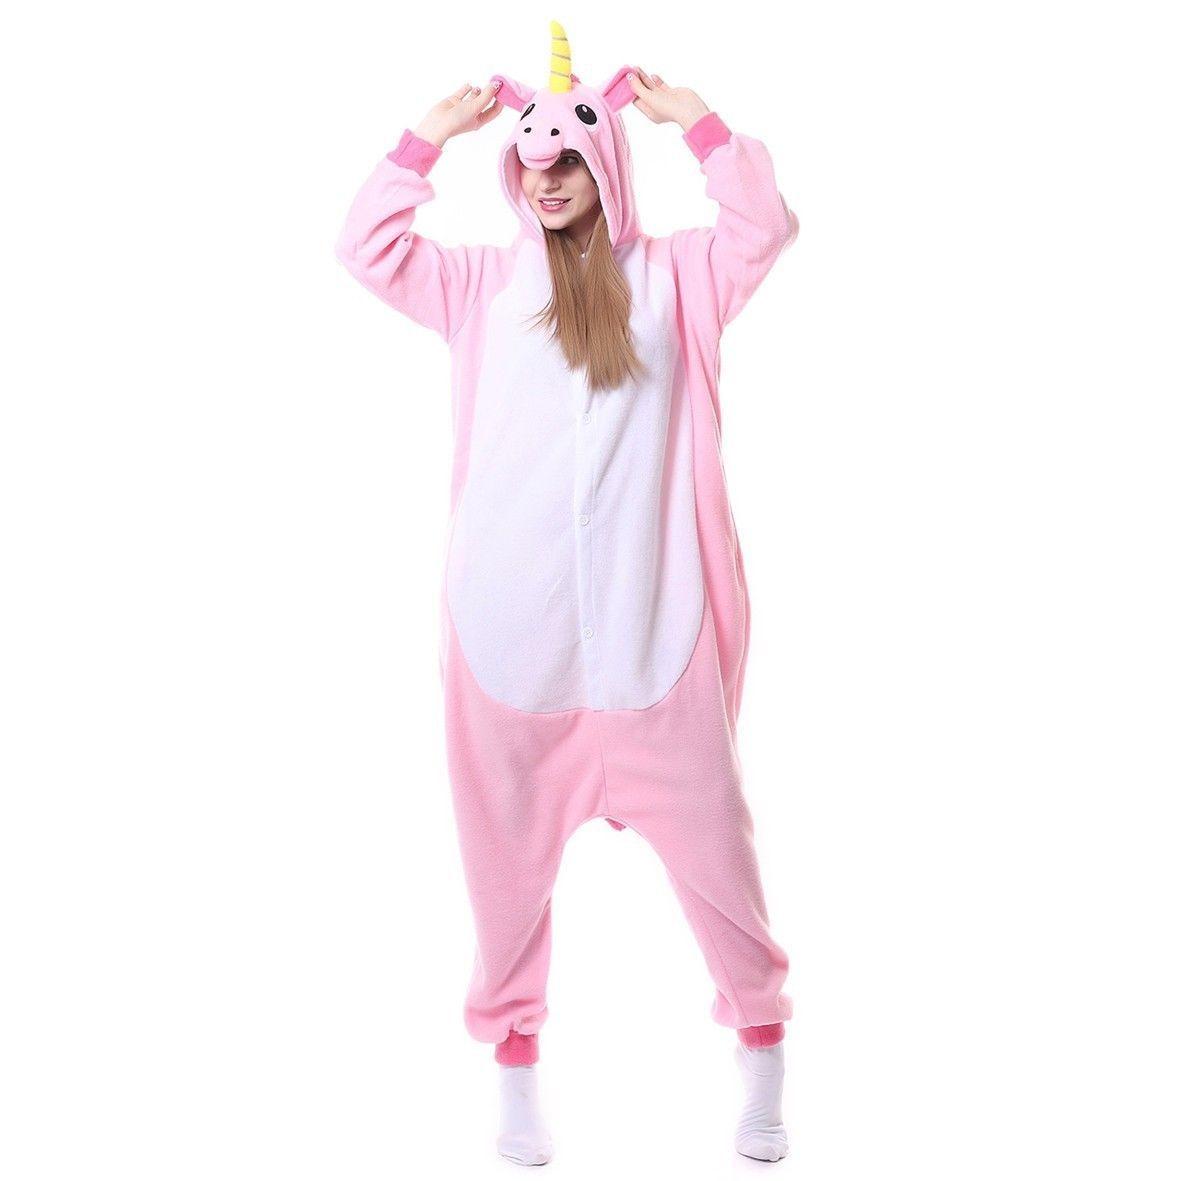 Różowa piżama (onesie) z jednorożcem, rozmiar L